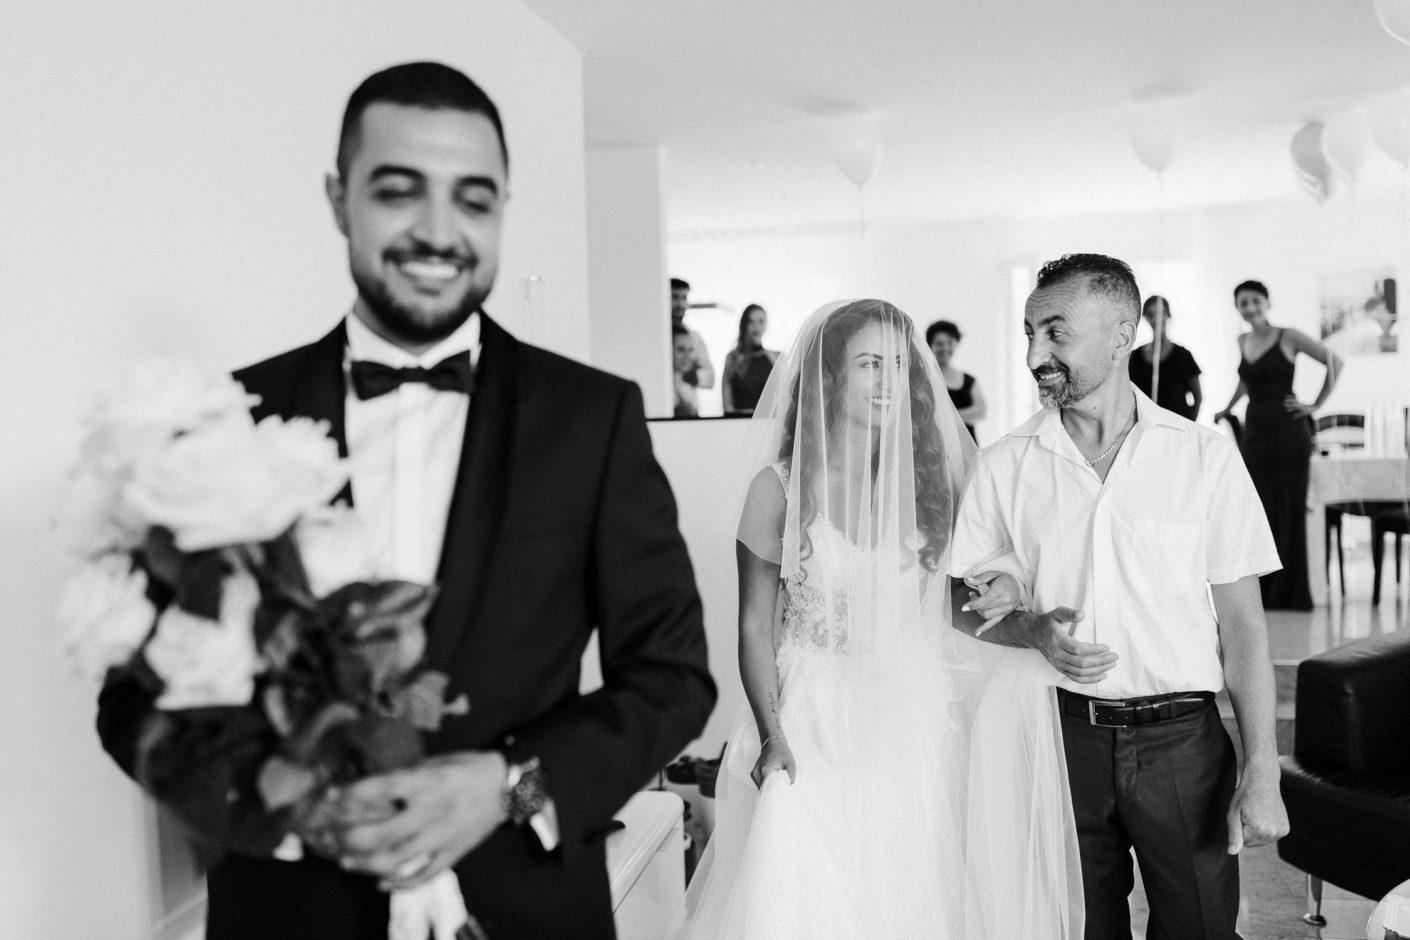 hochzeitsfotograf-kerim-kivrak-basel-hochzeitslocation-salmegg-haus-schweiz-rheinfelden-destination-wedding-photographer-trauung-standesamt-münchen-hochzeitsfotoalbum-hochzeitsdeko-0055